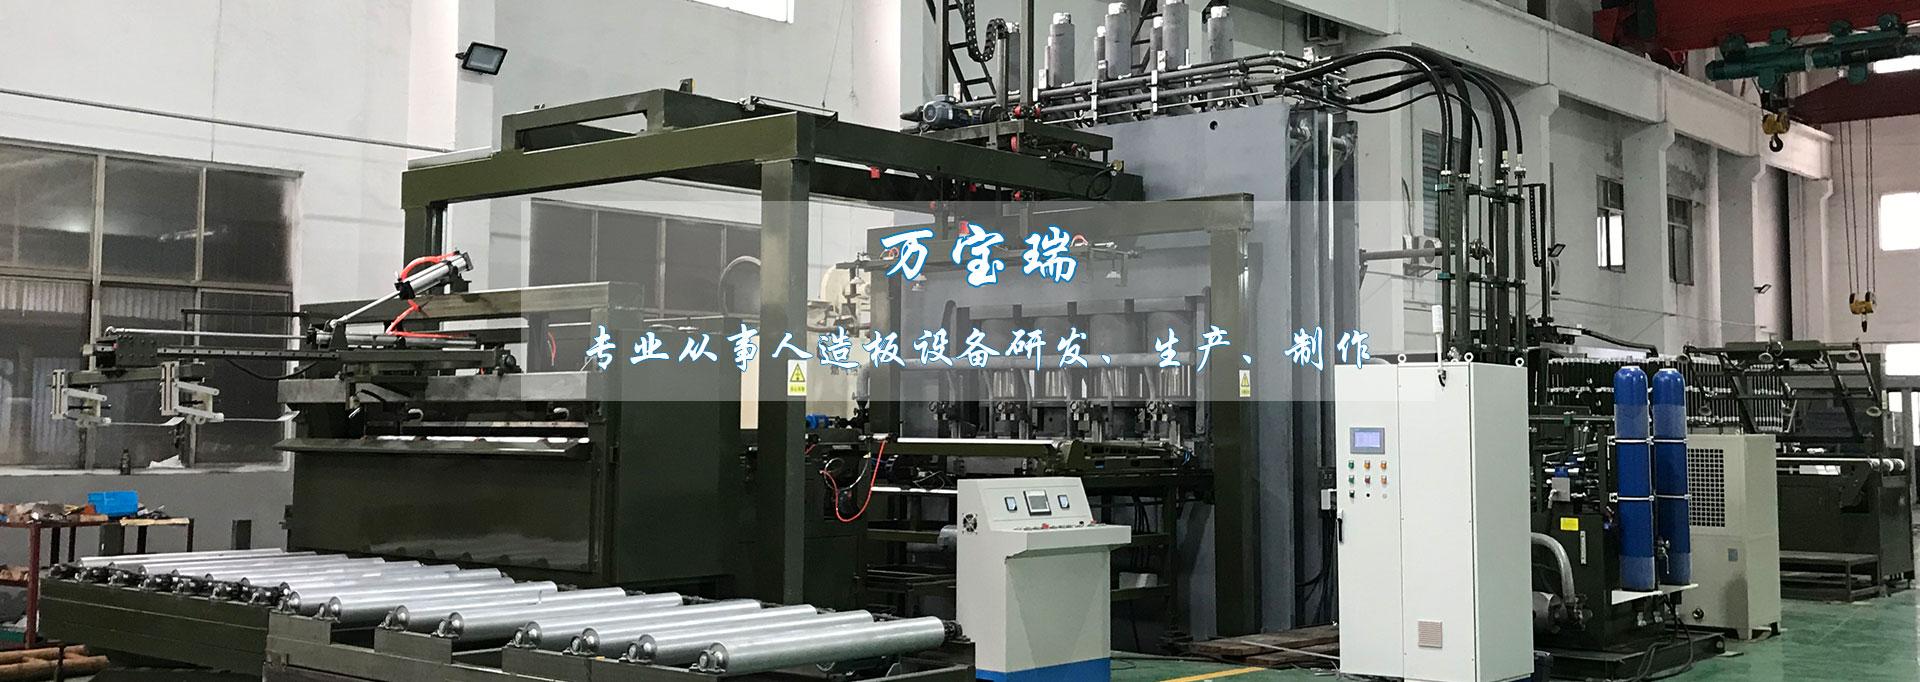 全自动生产线